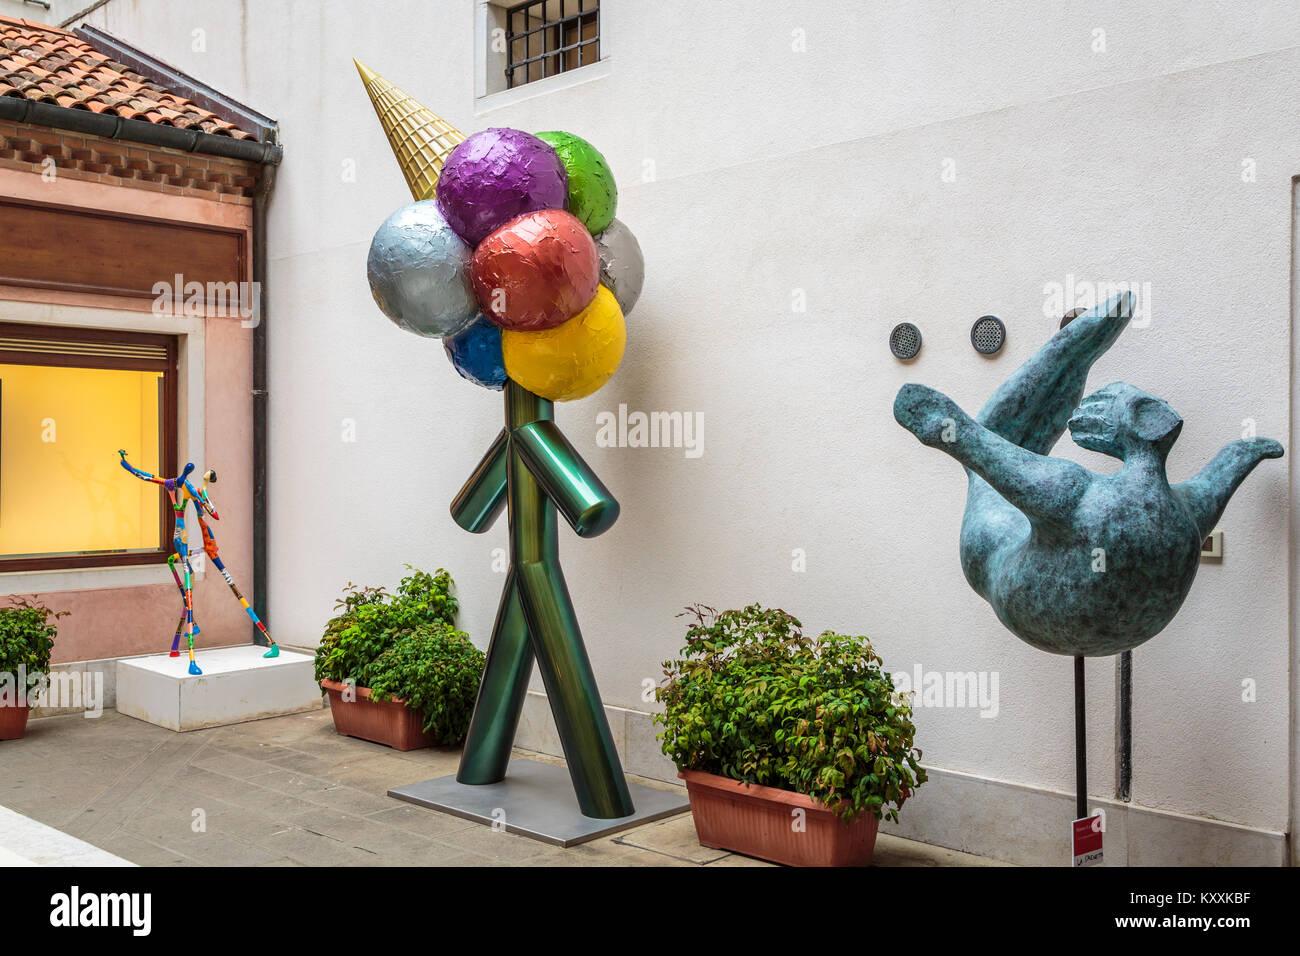 Un esterno decorativo shop in Veneto, Venezia, Italia, Europa. Immagini Stock